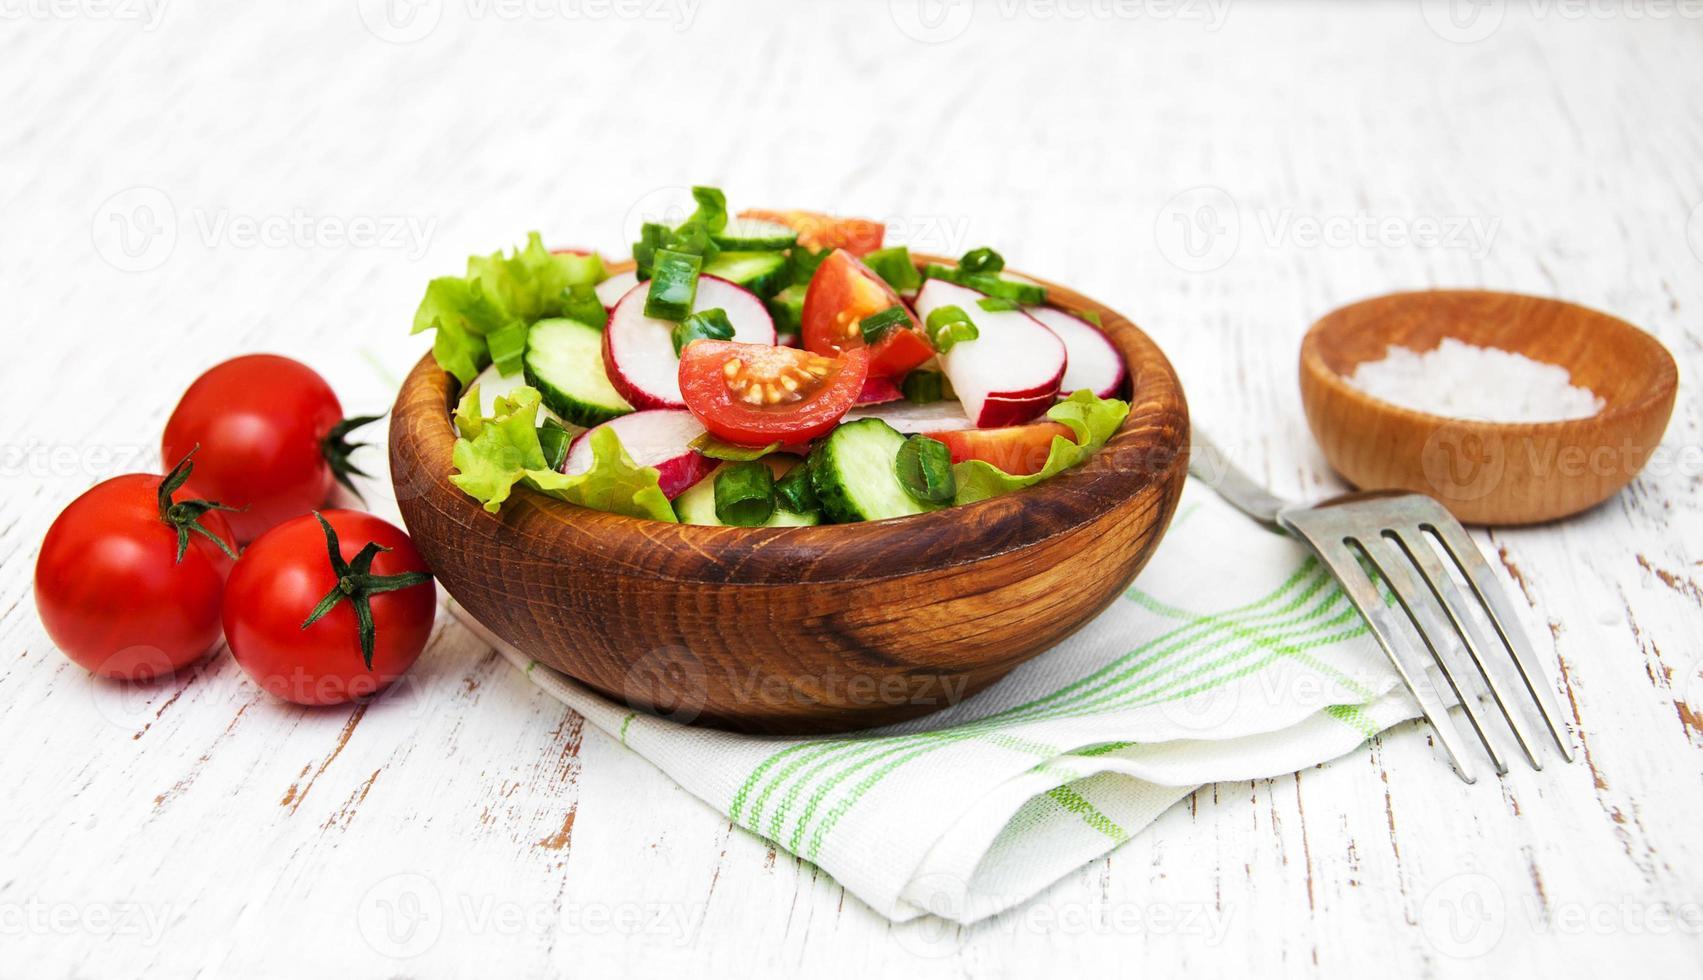 insalata di primavera con pomodoro, cetrioli e ravanello foto